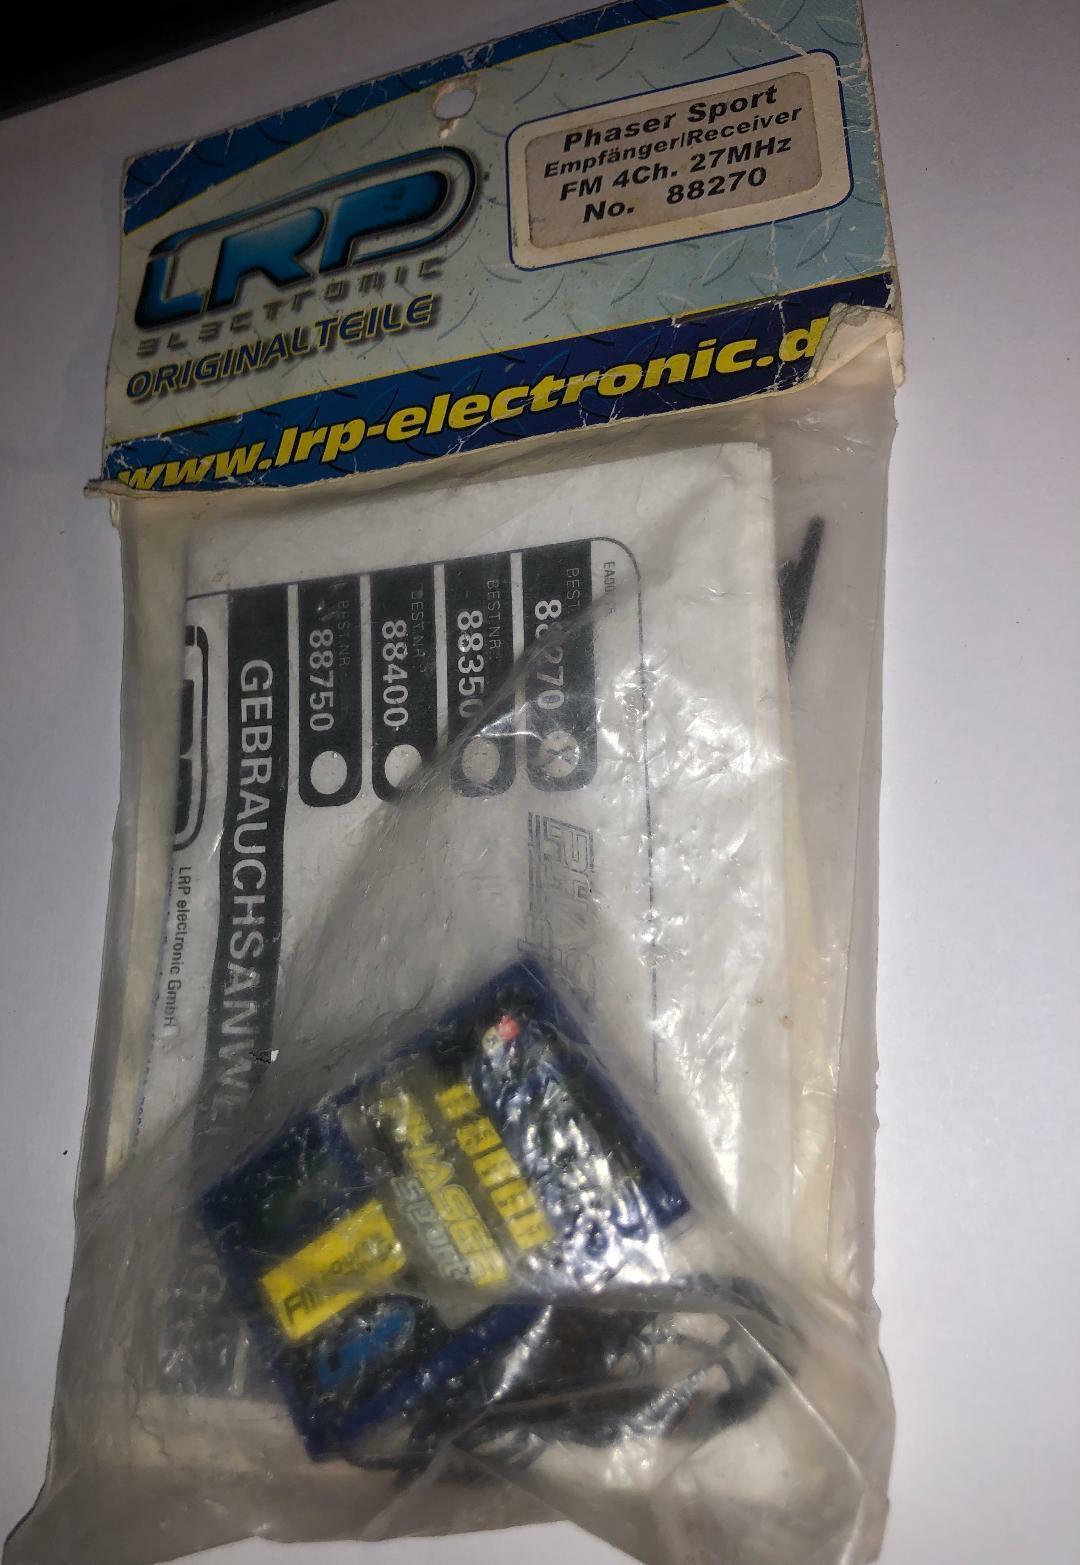 LRP 88270 Phaser Sport Receiver 4CH  FM 27HMHz BC  ottima selezione e consegna rapida